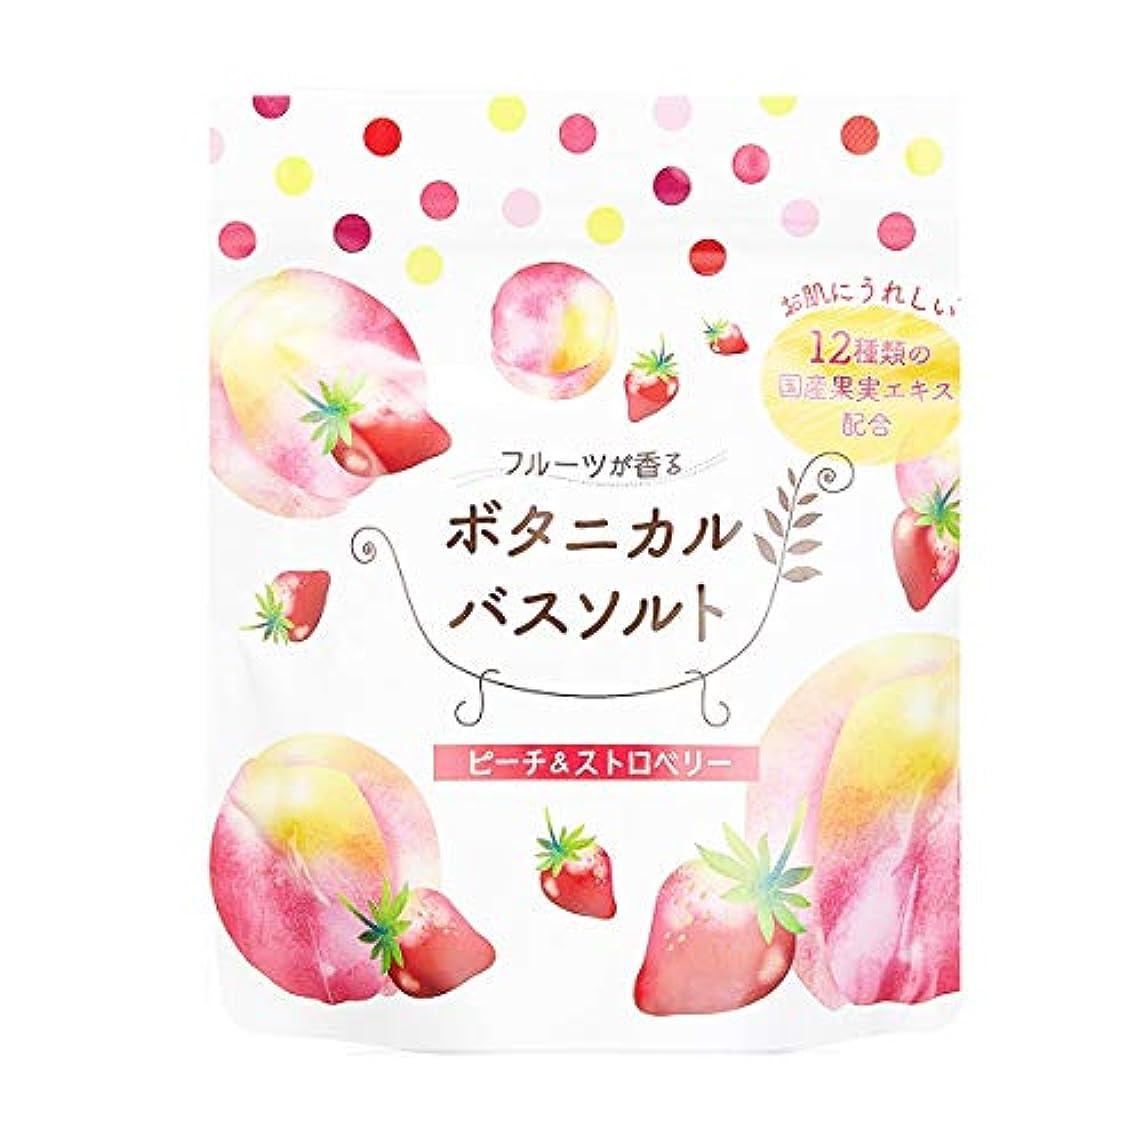 窓を洗うスリンク誠実松田医薬品 フルーツが香るボタニカルバスソルト ピーチ&ストロベリー 30g